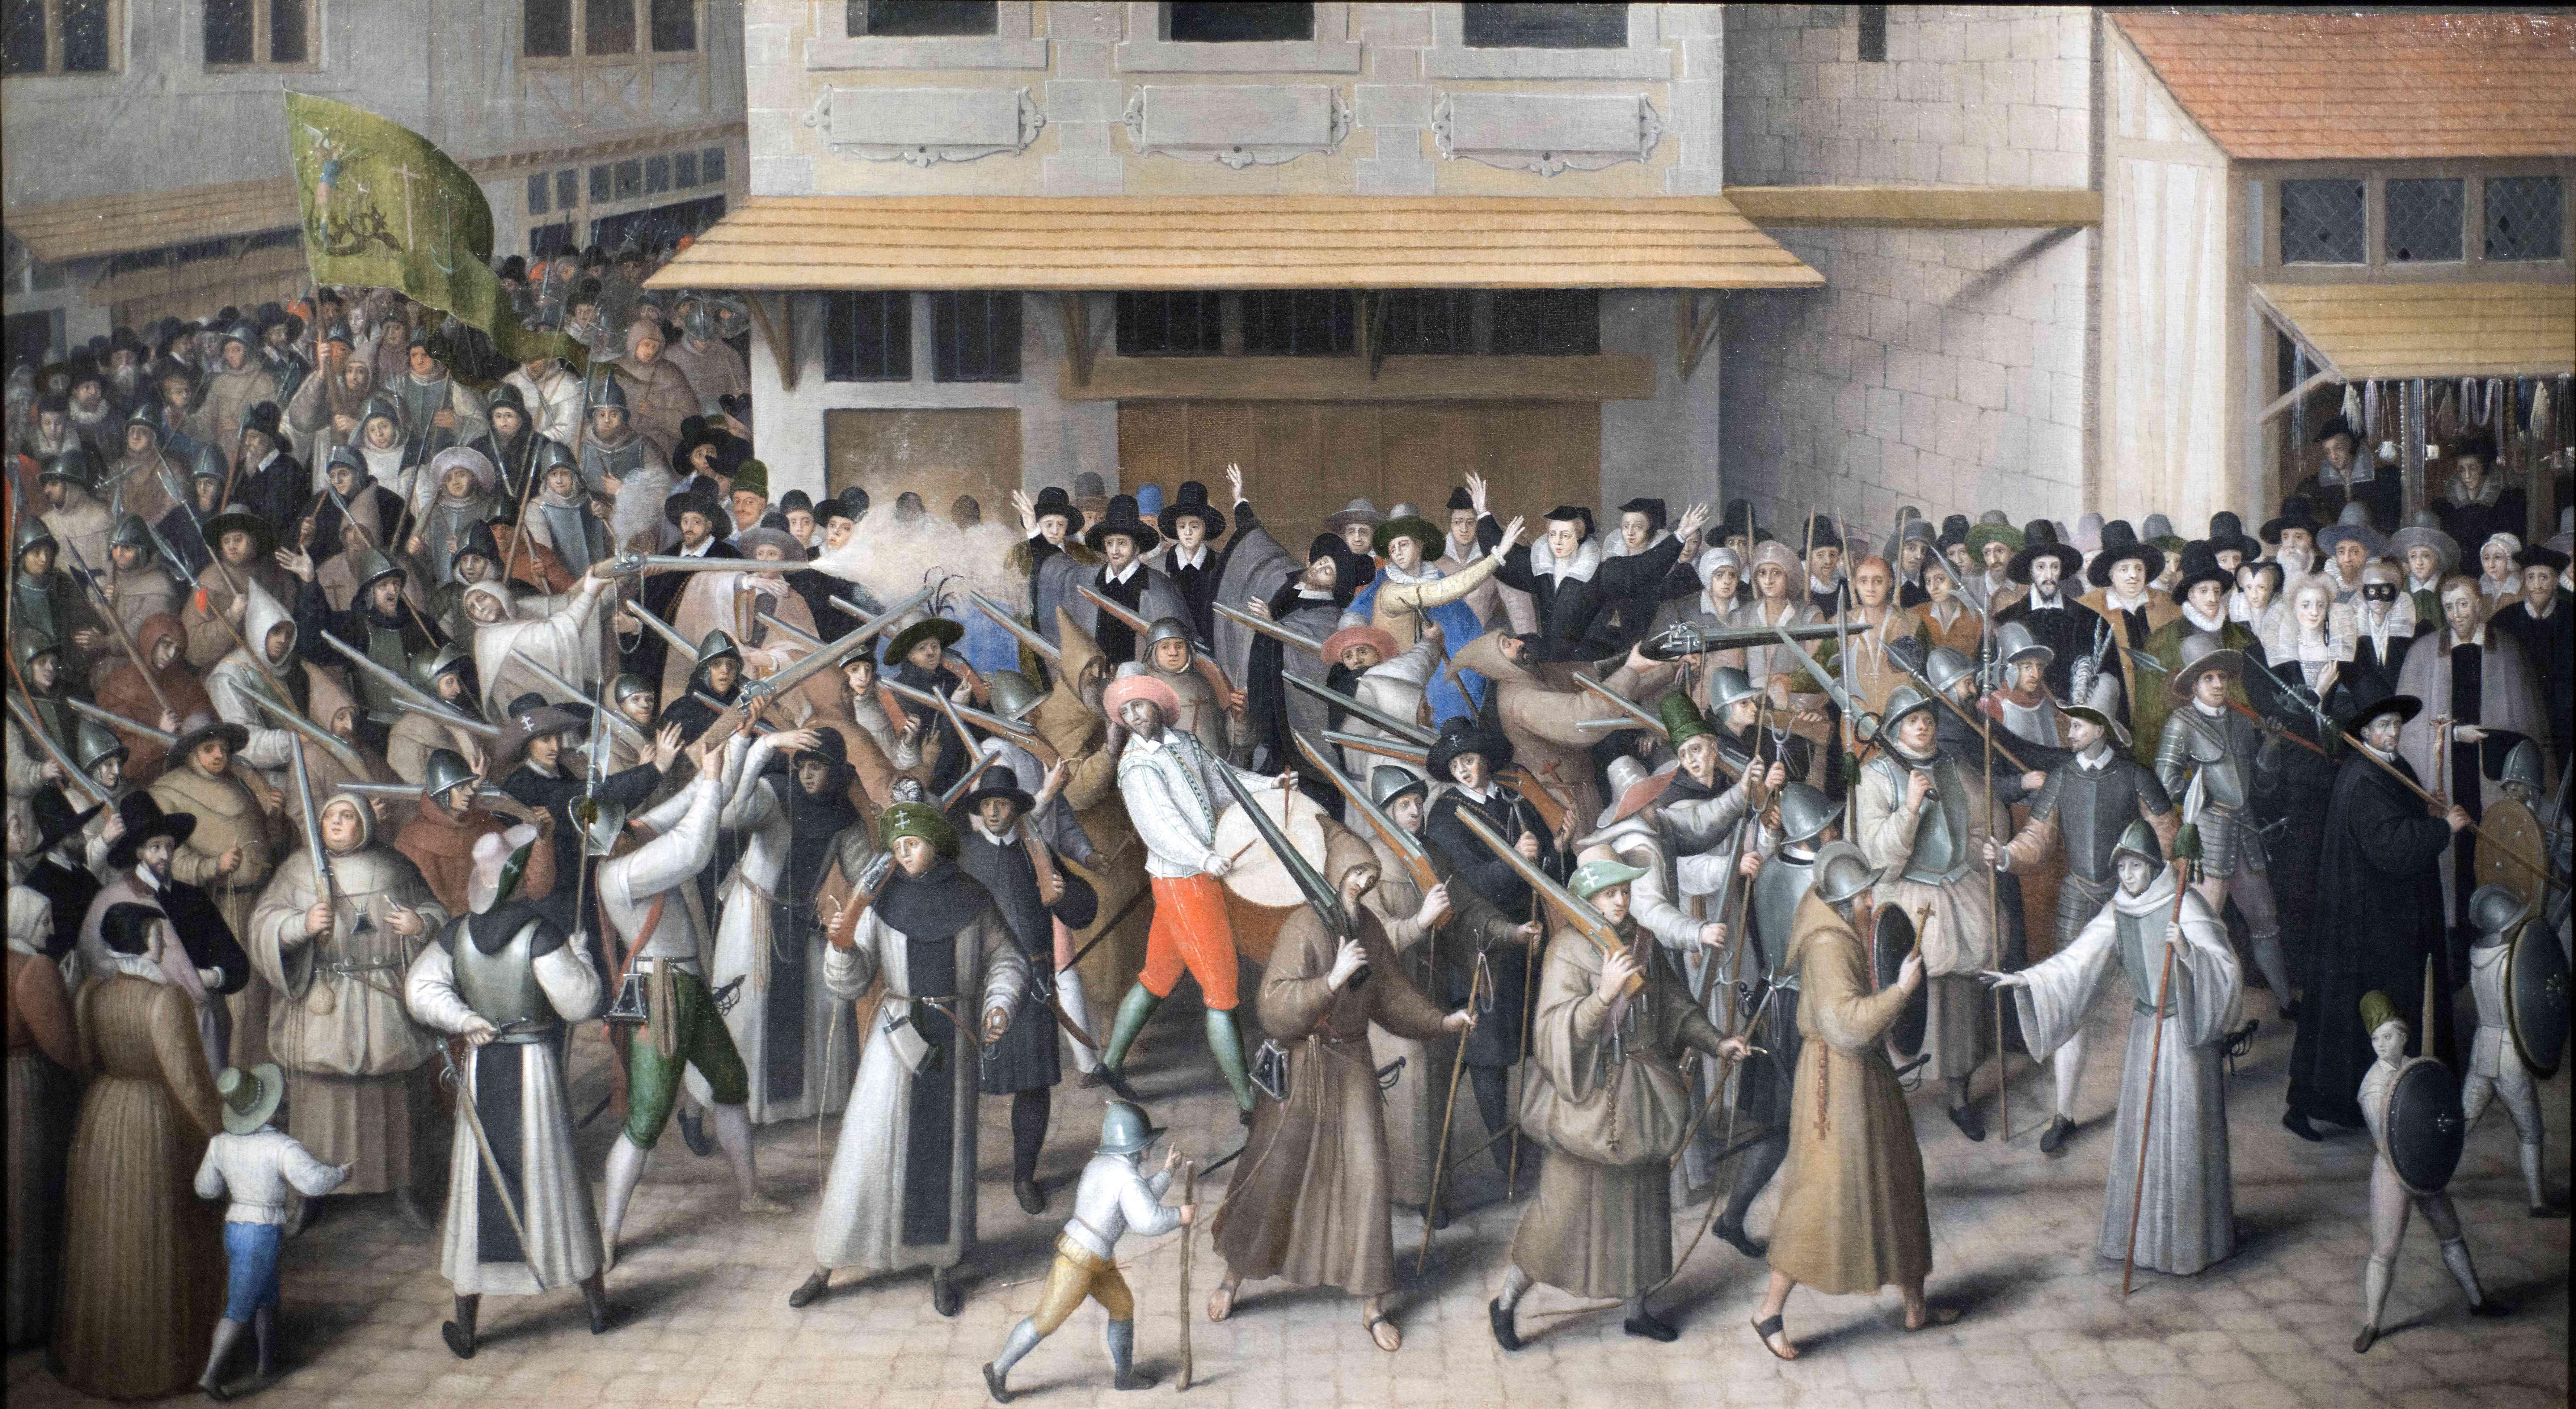 La procession de la ligue (huile sur toile, fin du XVIe siècle) par Guillaume Rose